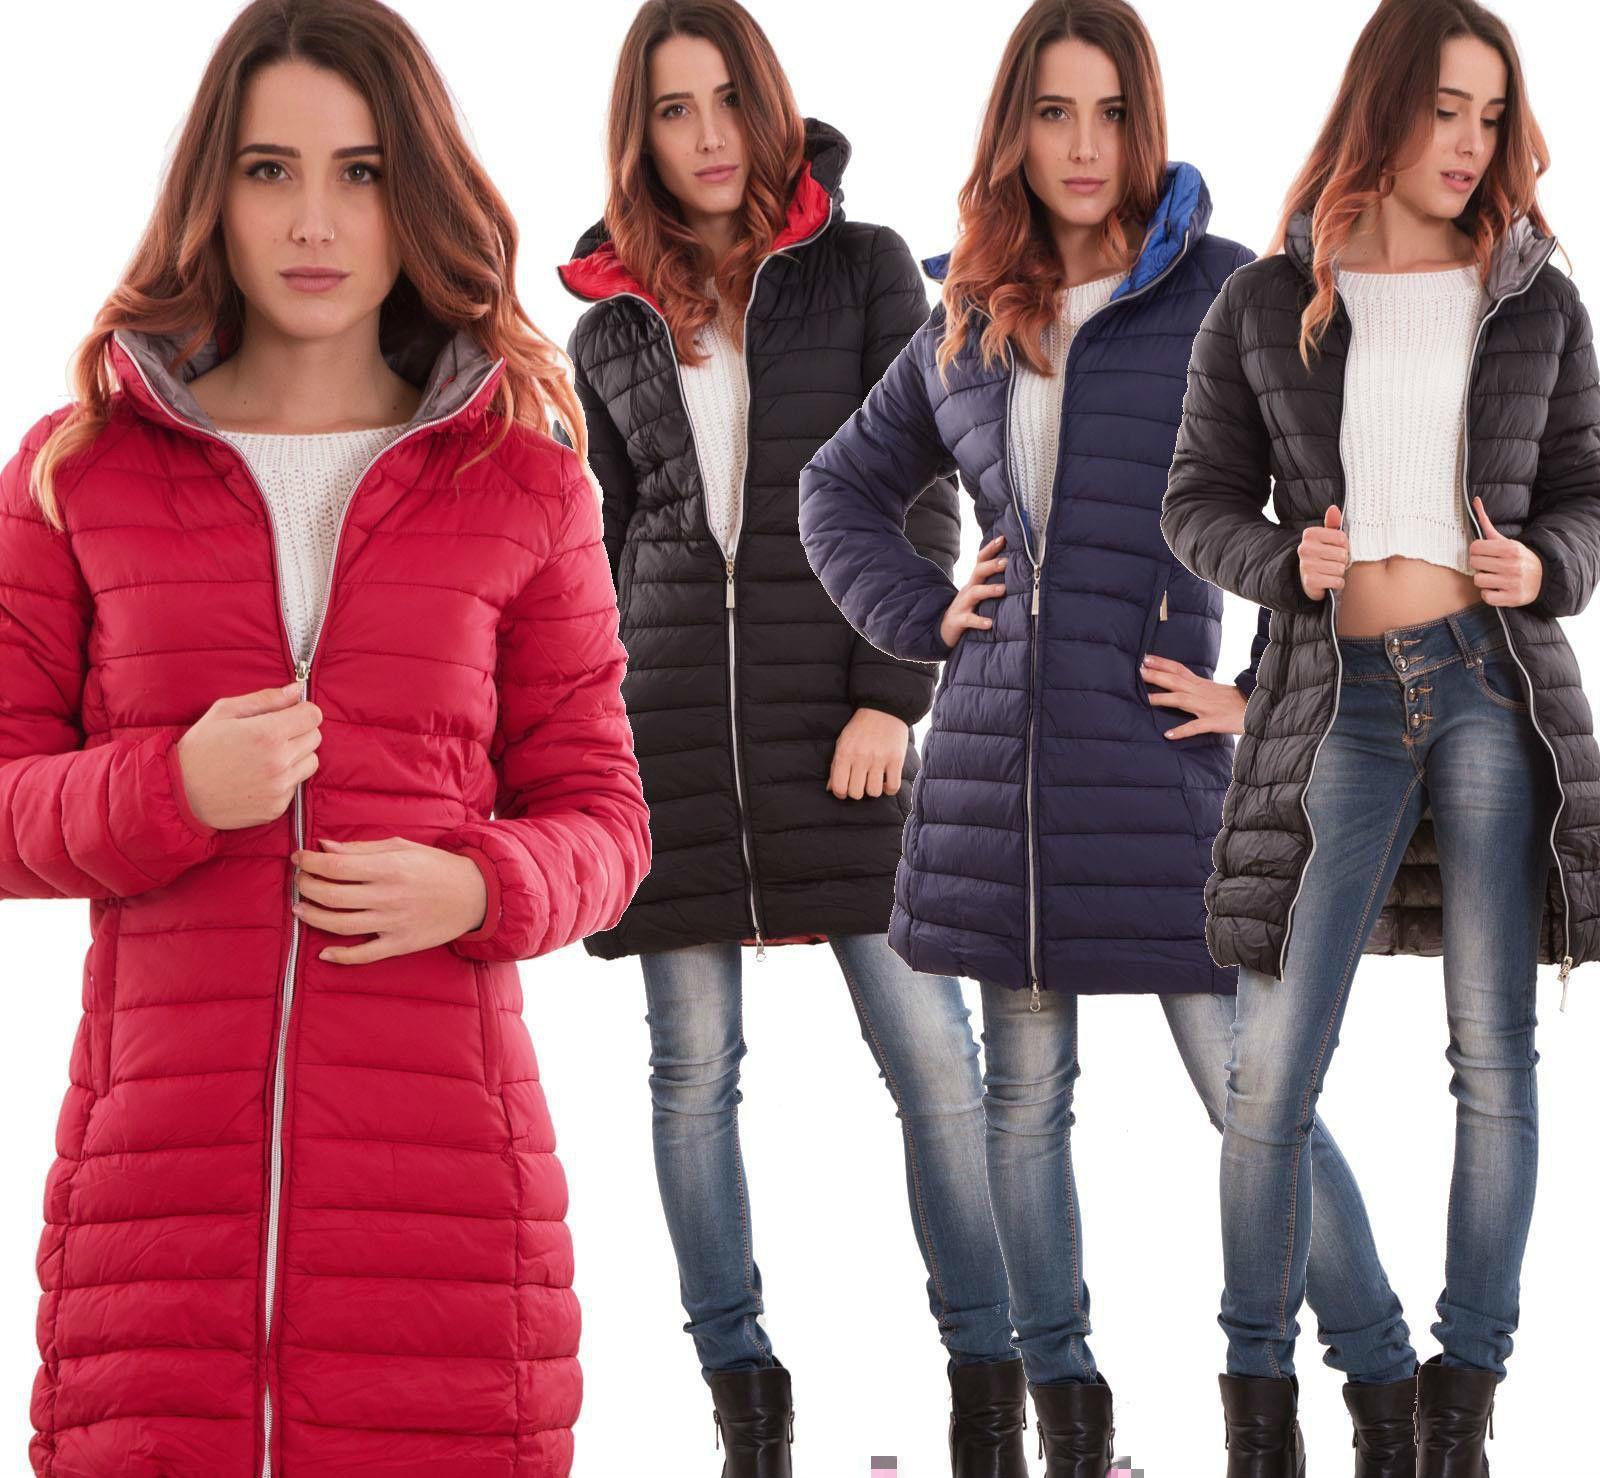 Zogaa бренд женщин тонкий длинный раздел зимнее пальто повседневная мода пальто с капюшоном женщины зимнее пальто 4 цвета пухлые куртки теплые Parkas 201019